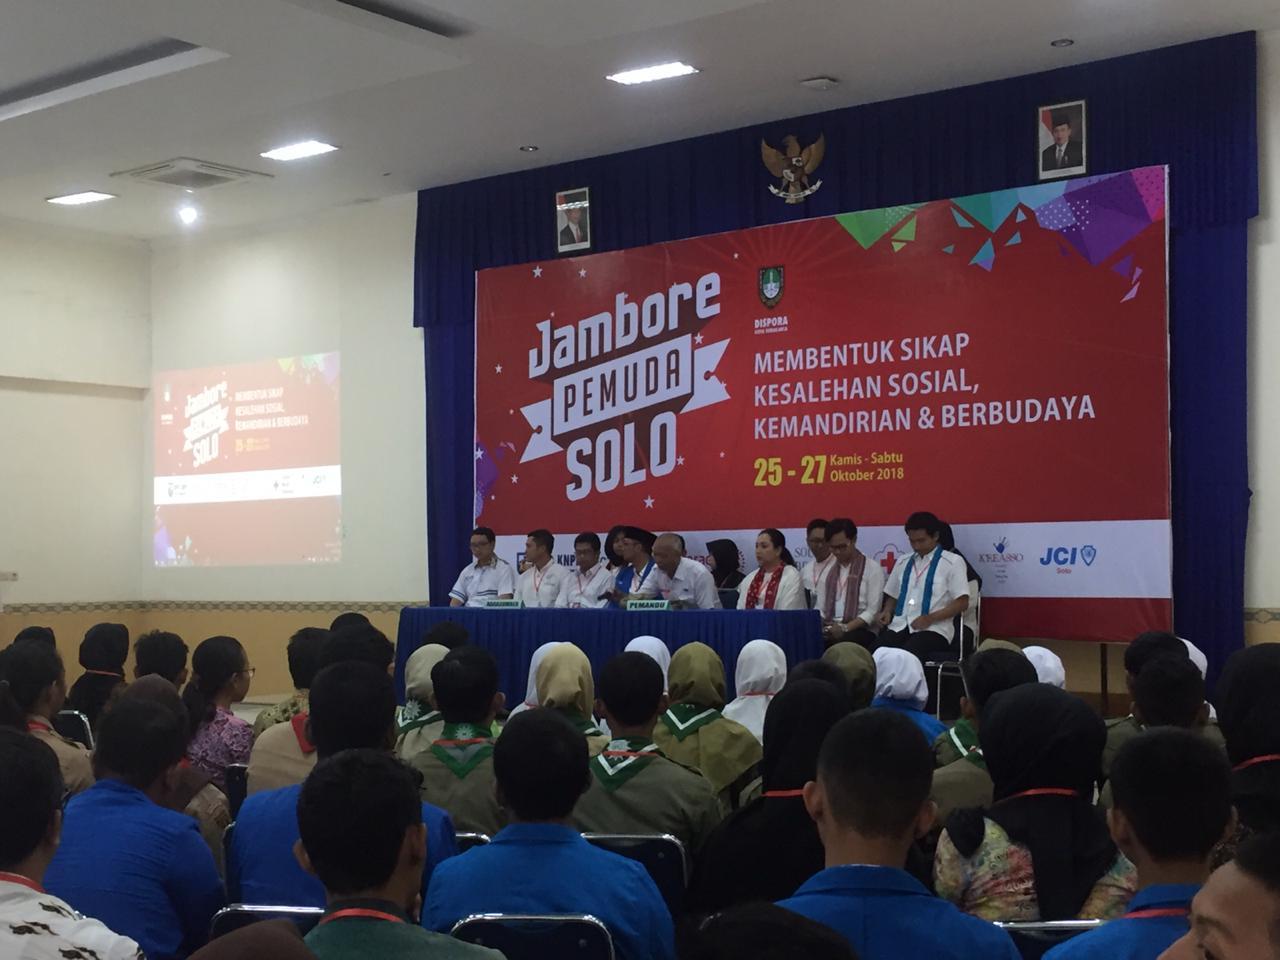 Gambar Jambore Pemuda